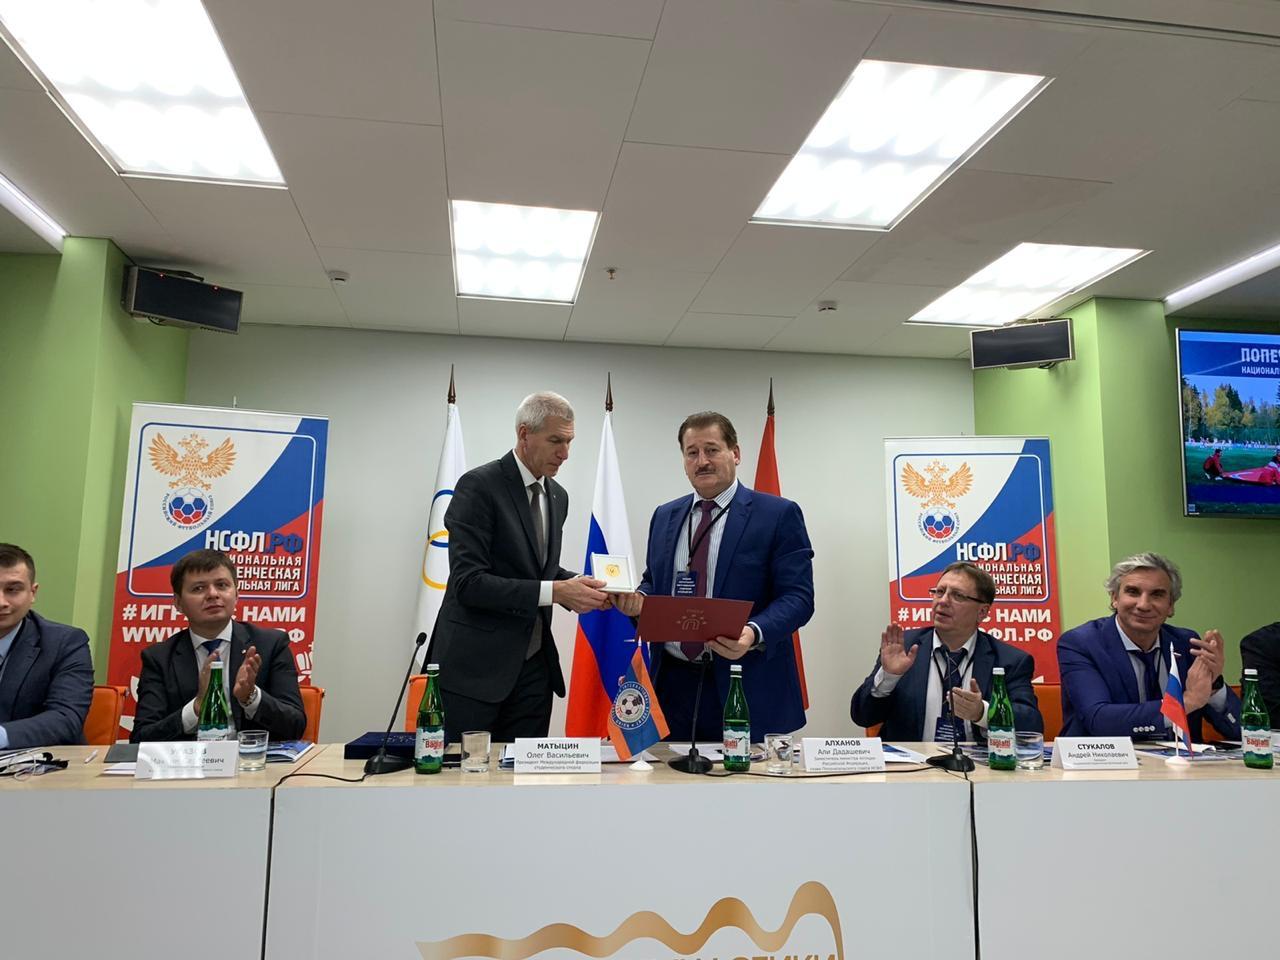 Валерий Петрович Сущенко принял участие в работе Попечительского Совета НСФЛ